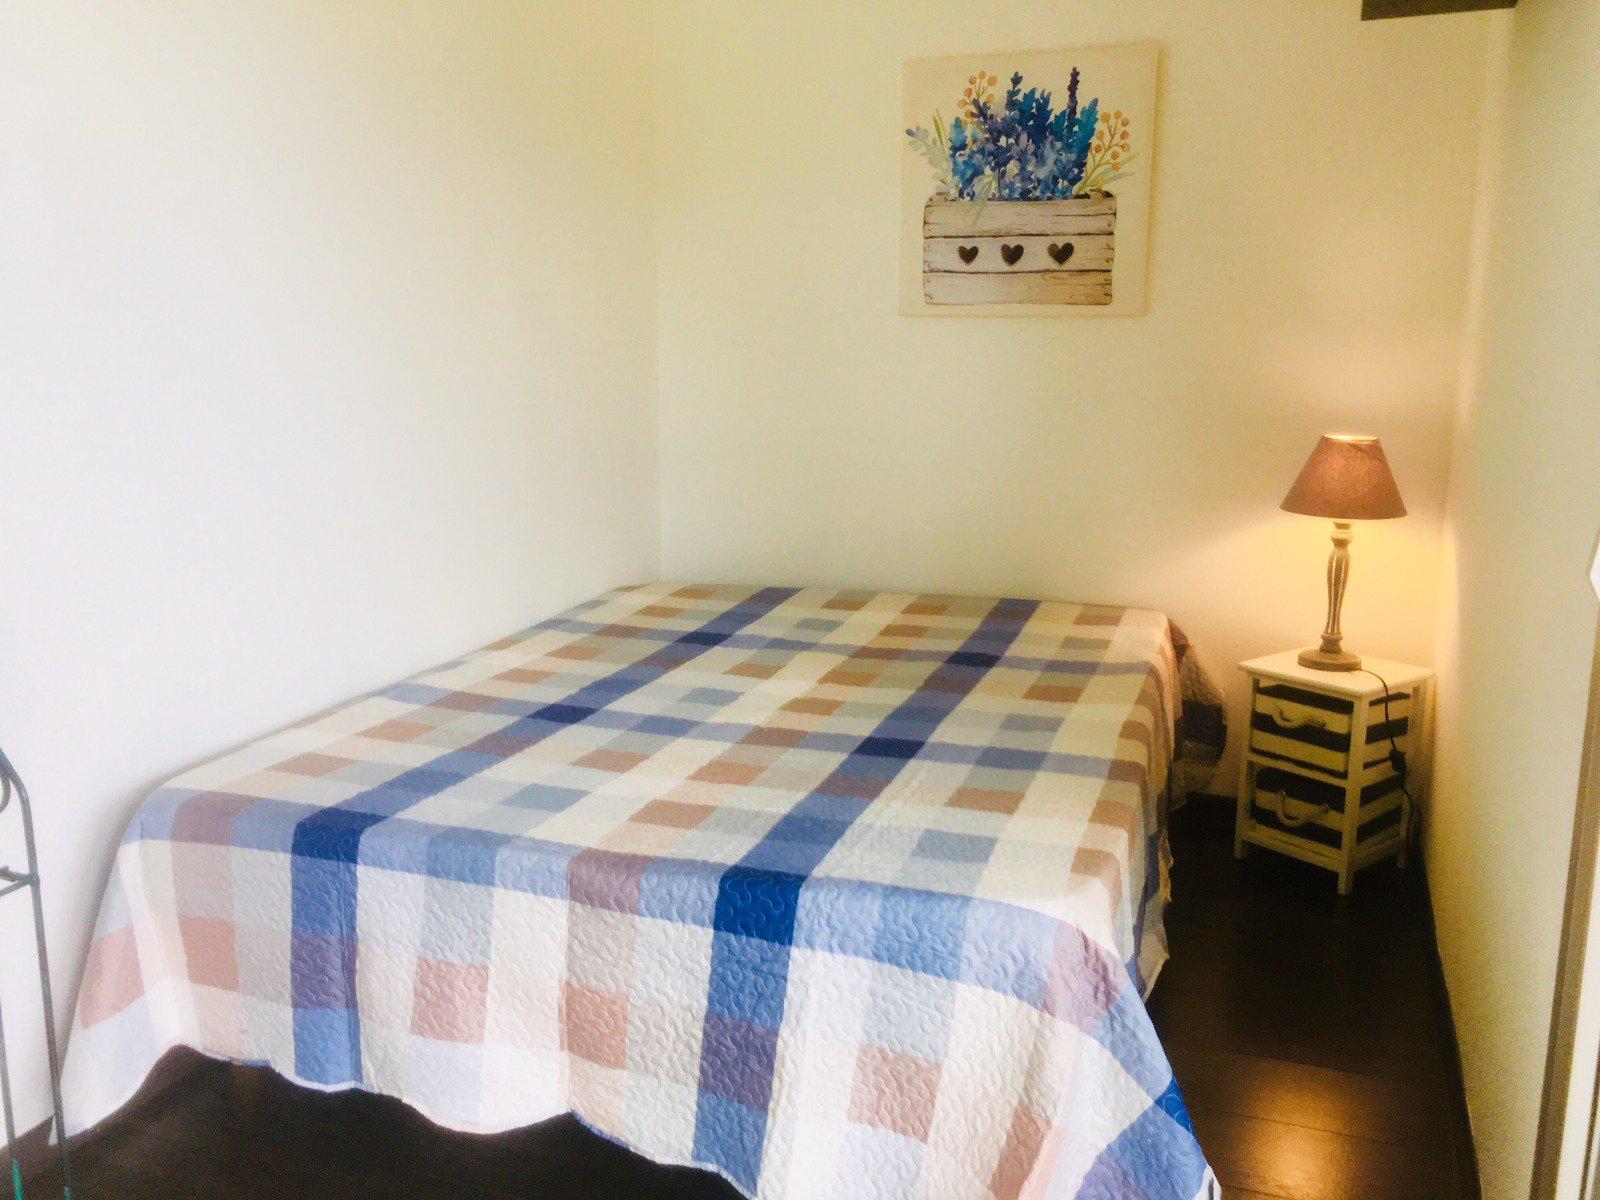 EXCLUSIVITE. Beau studio / 2 pièces meublé avec entrée sur séjour,  cuisine américaine  équipée, coin ...